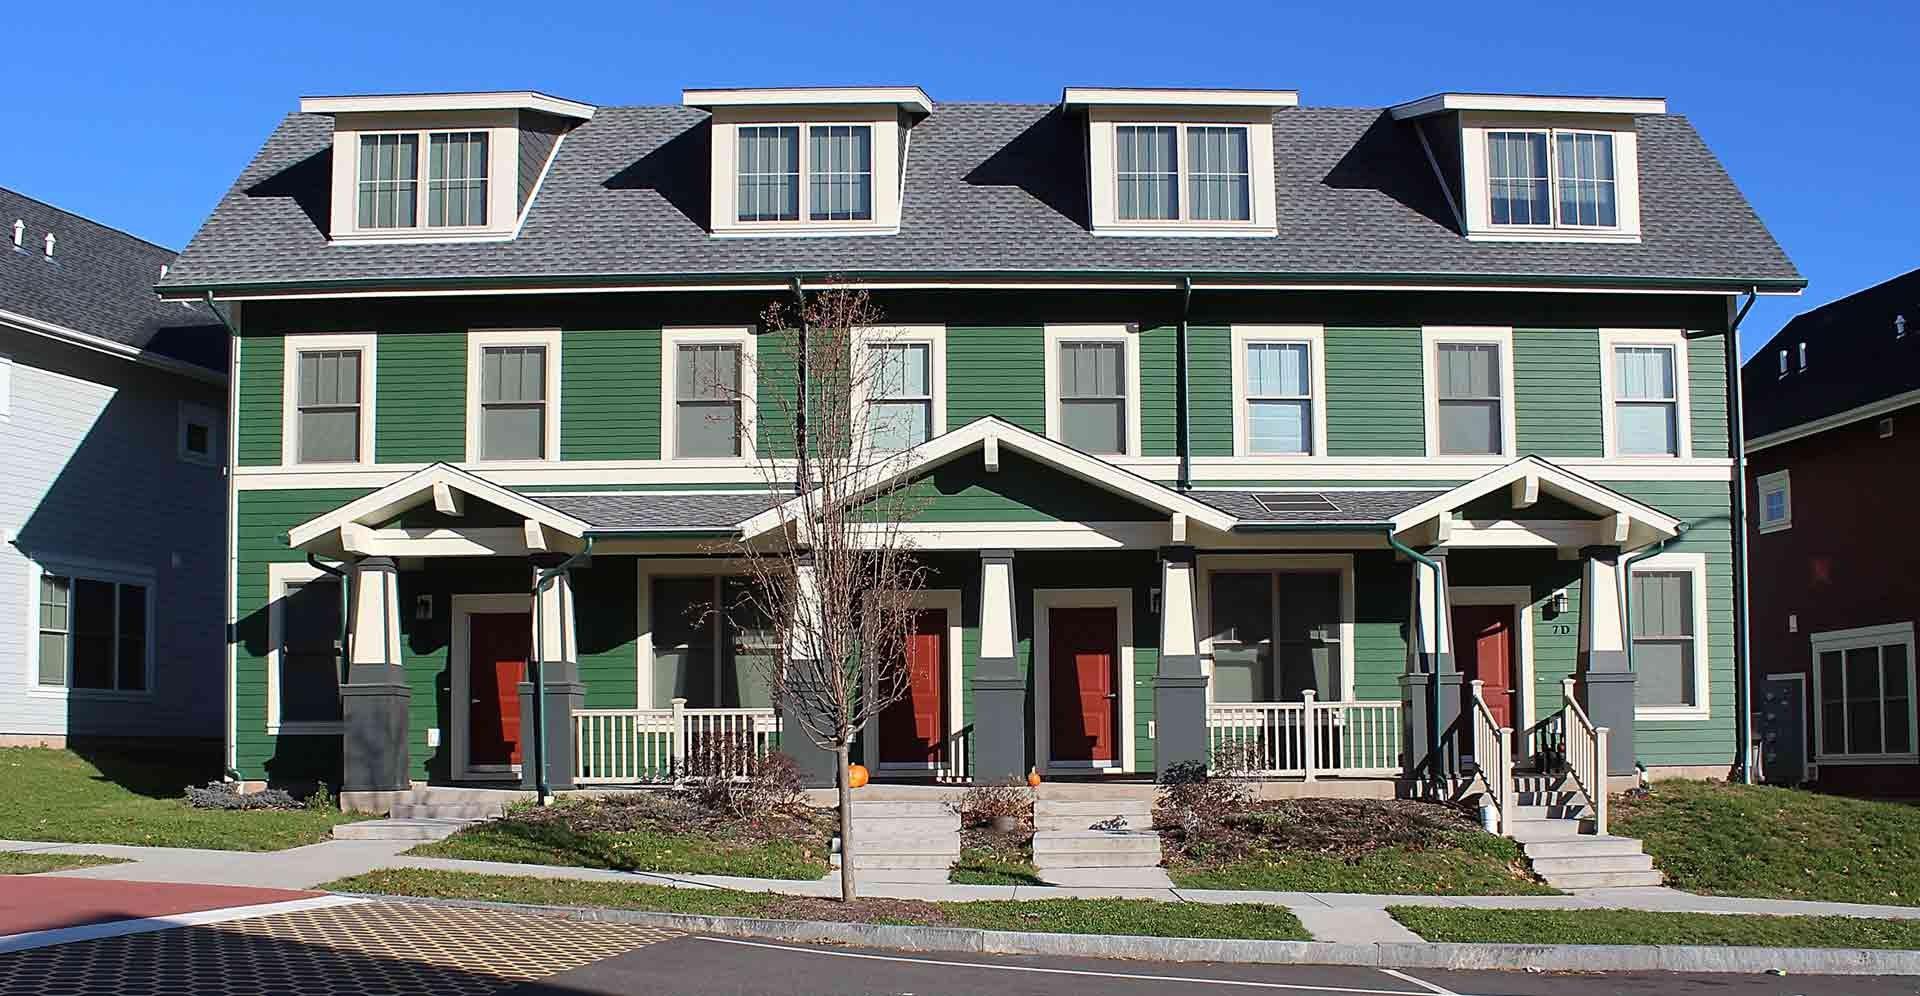 Brookside Housing Development